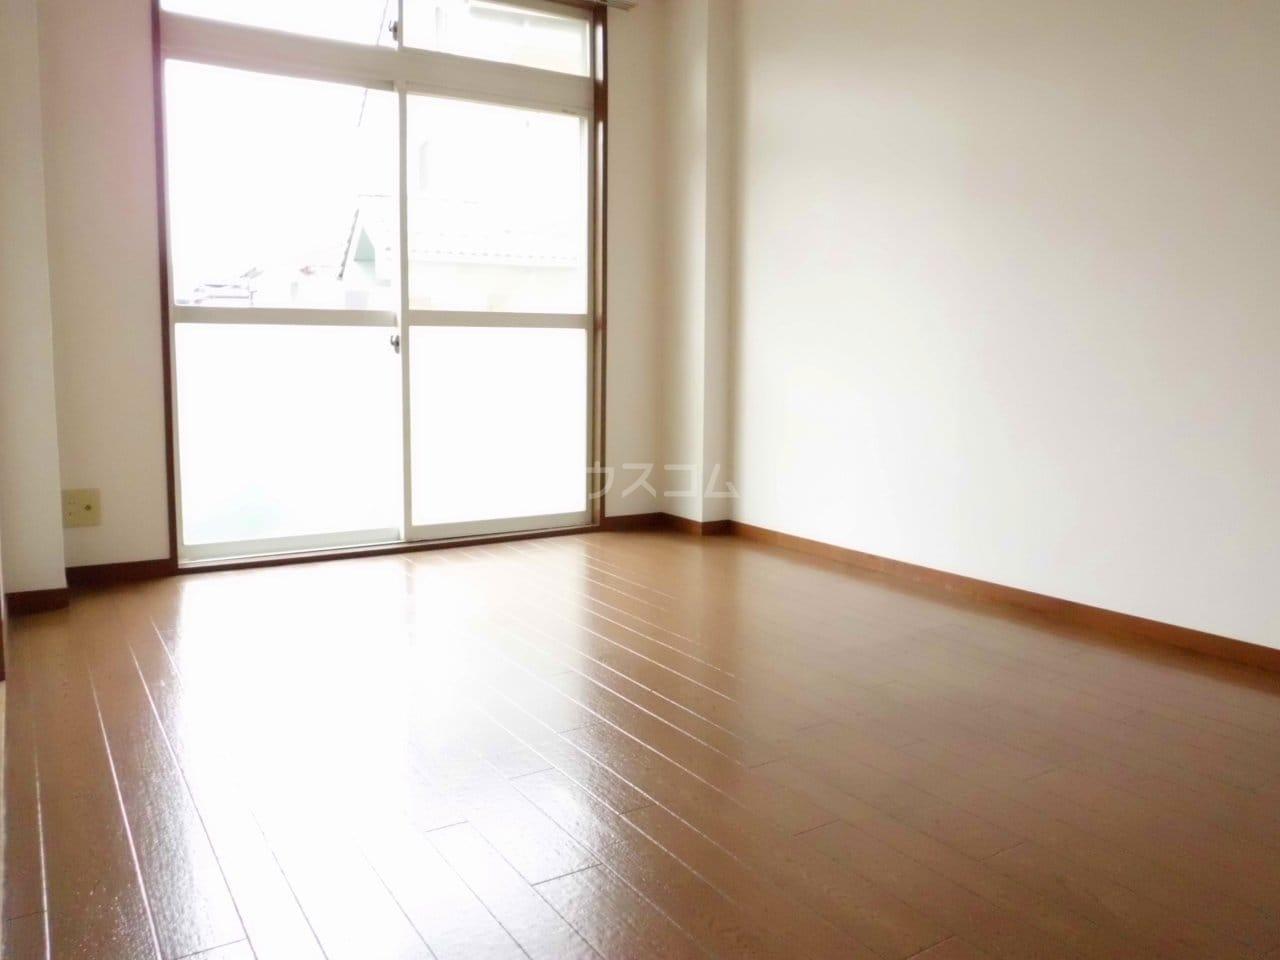 クレインコートハウス 01010号室のその他